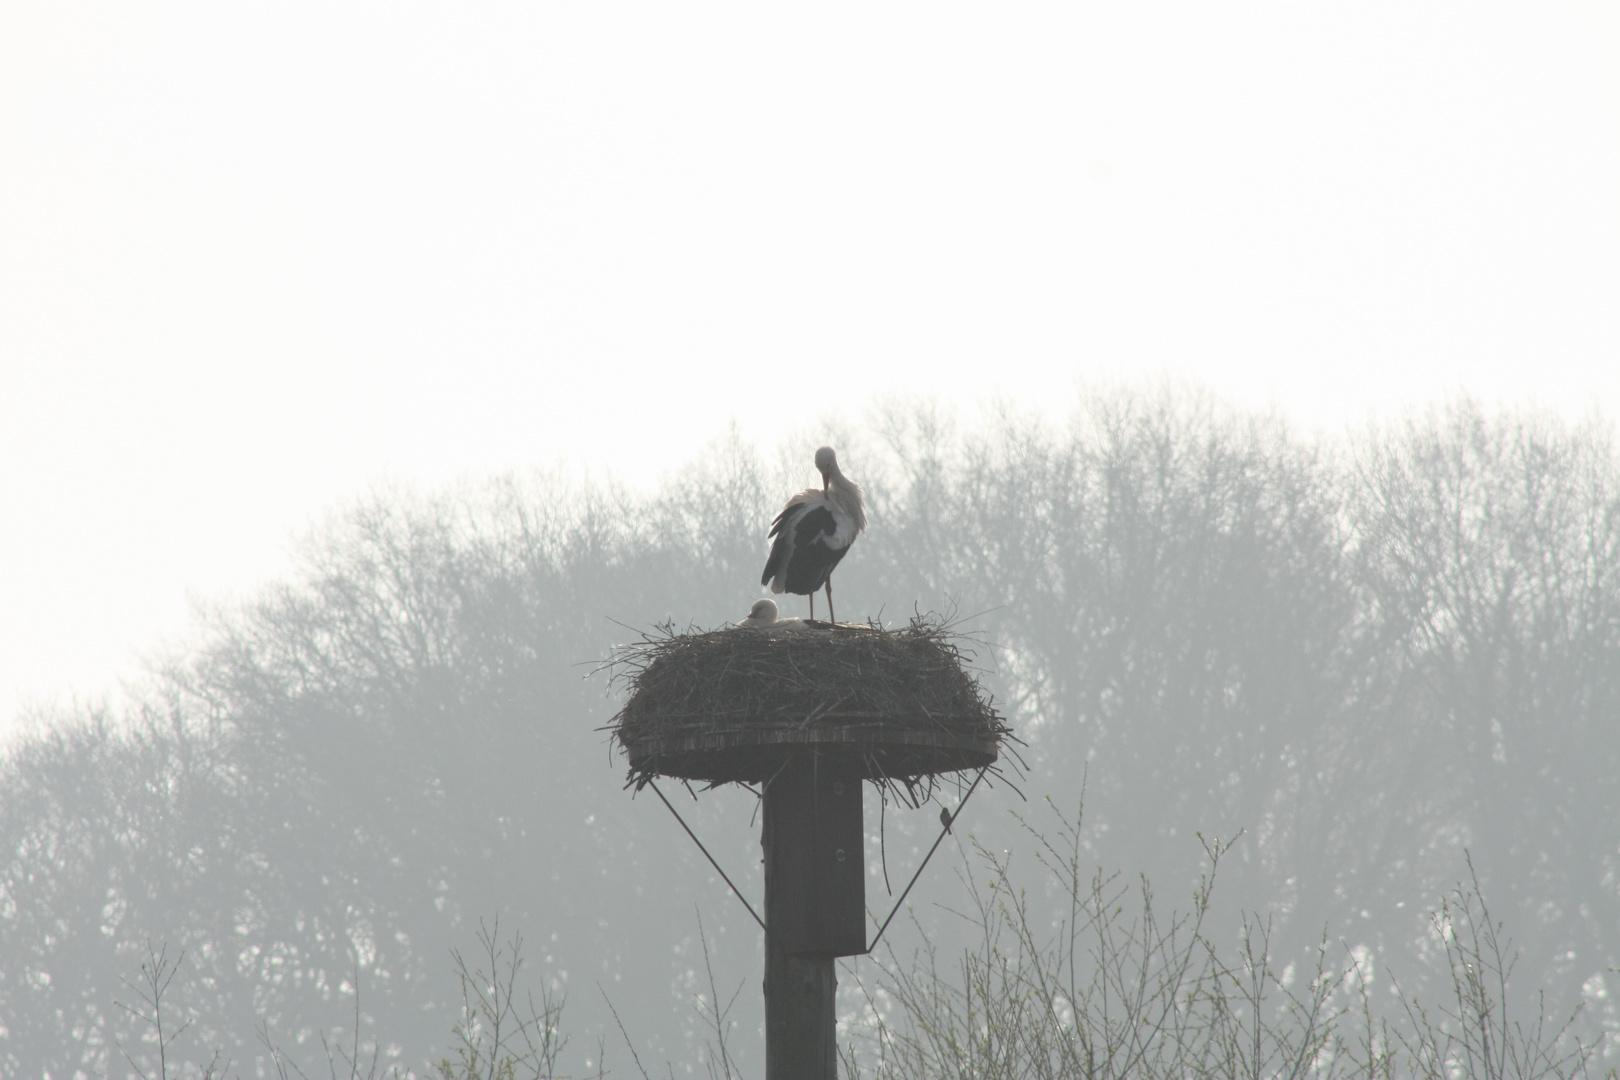 Weißstorch in seinem Nest